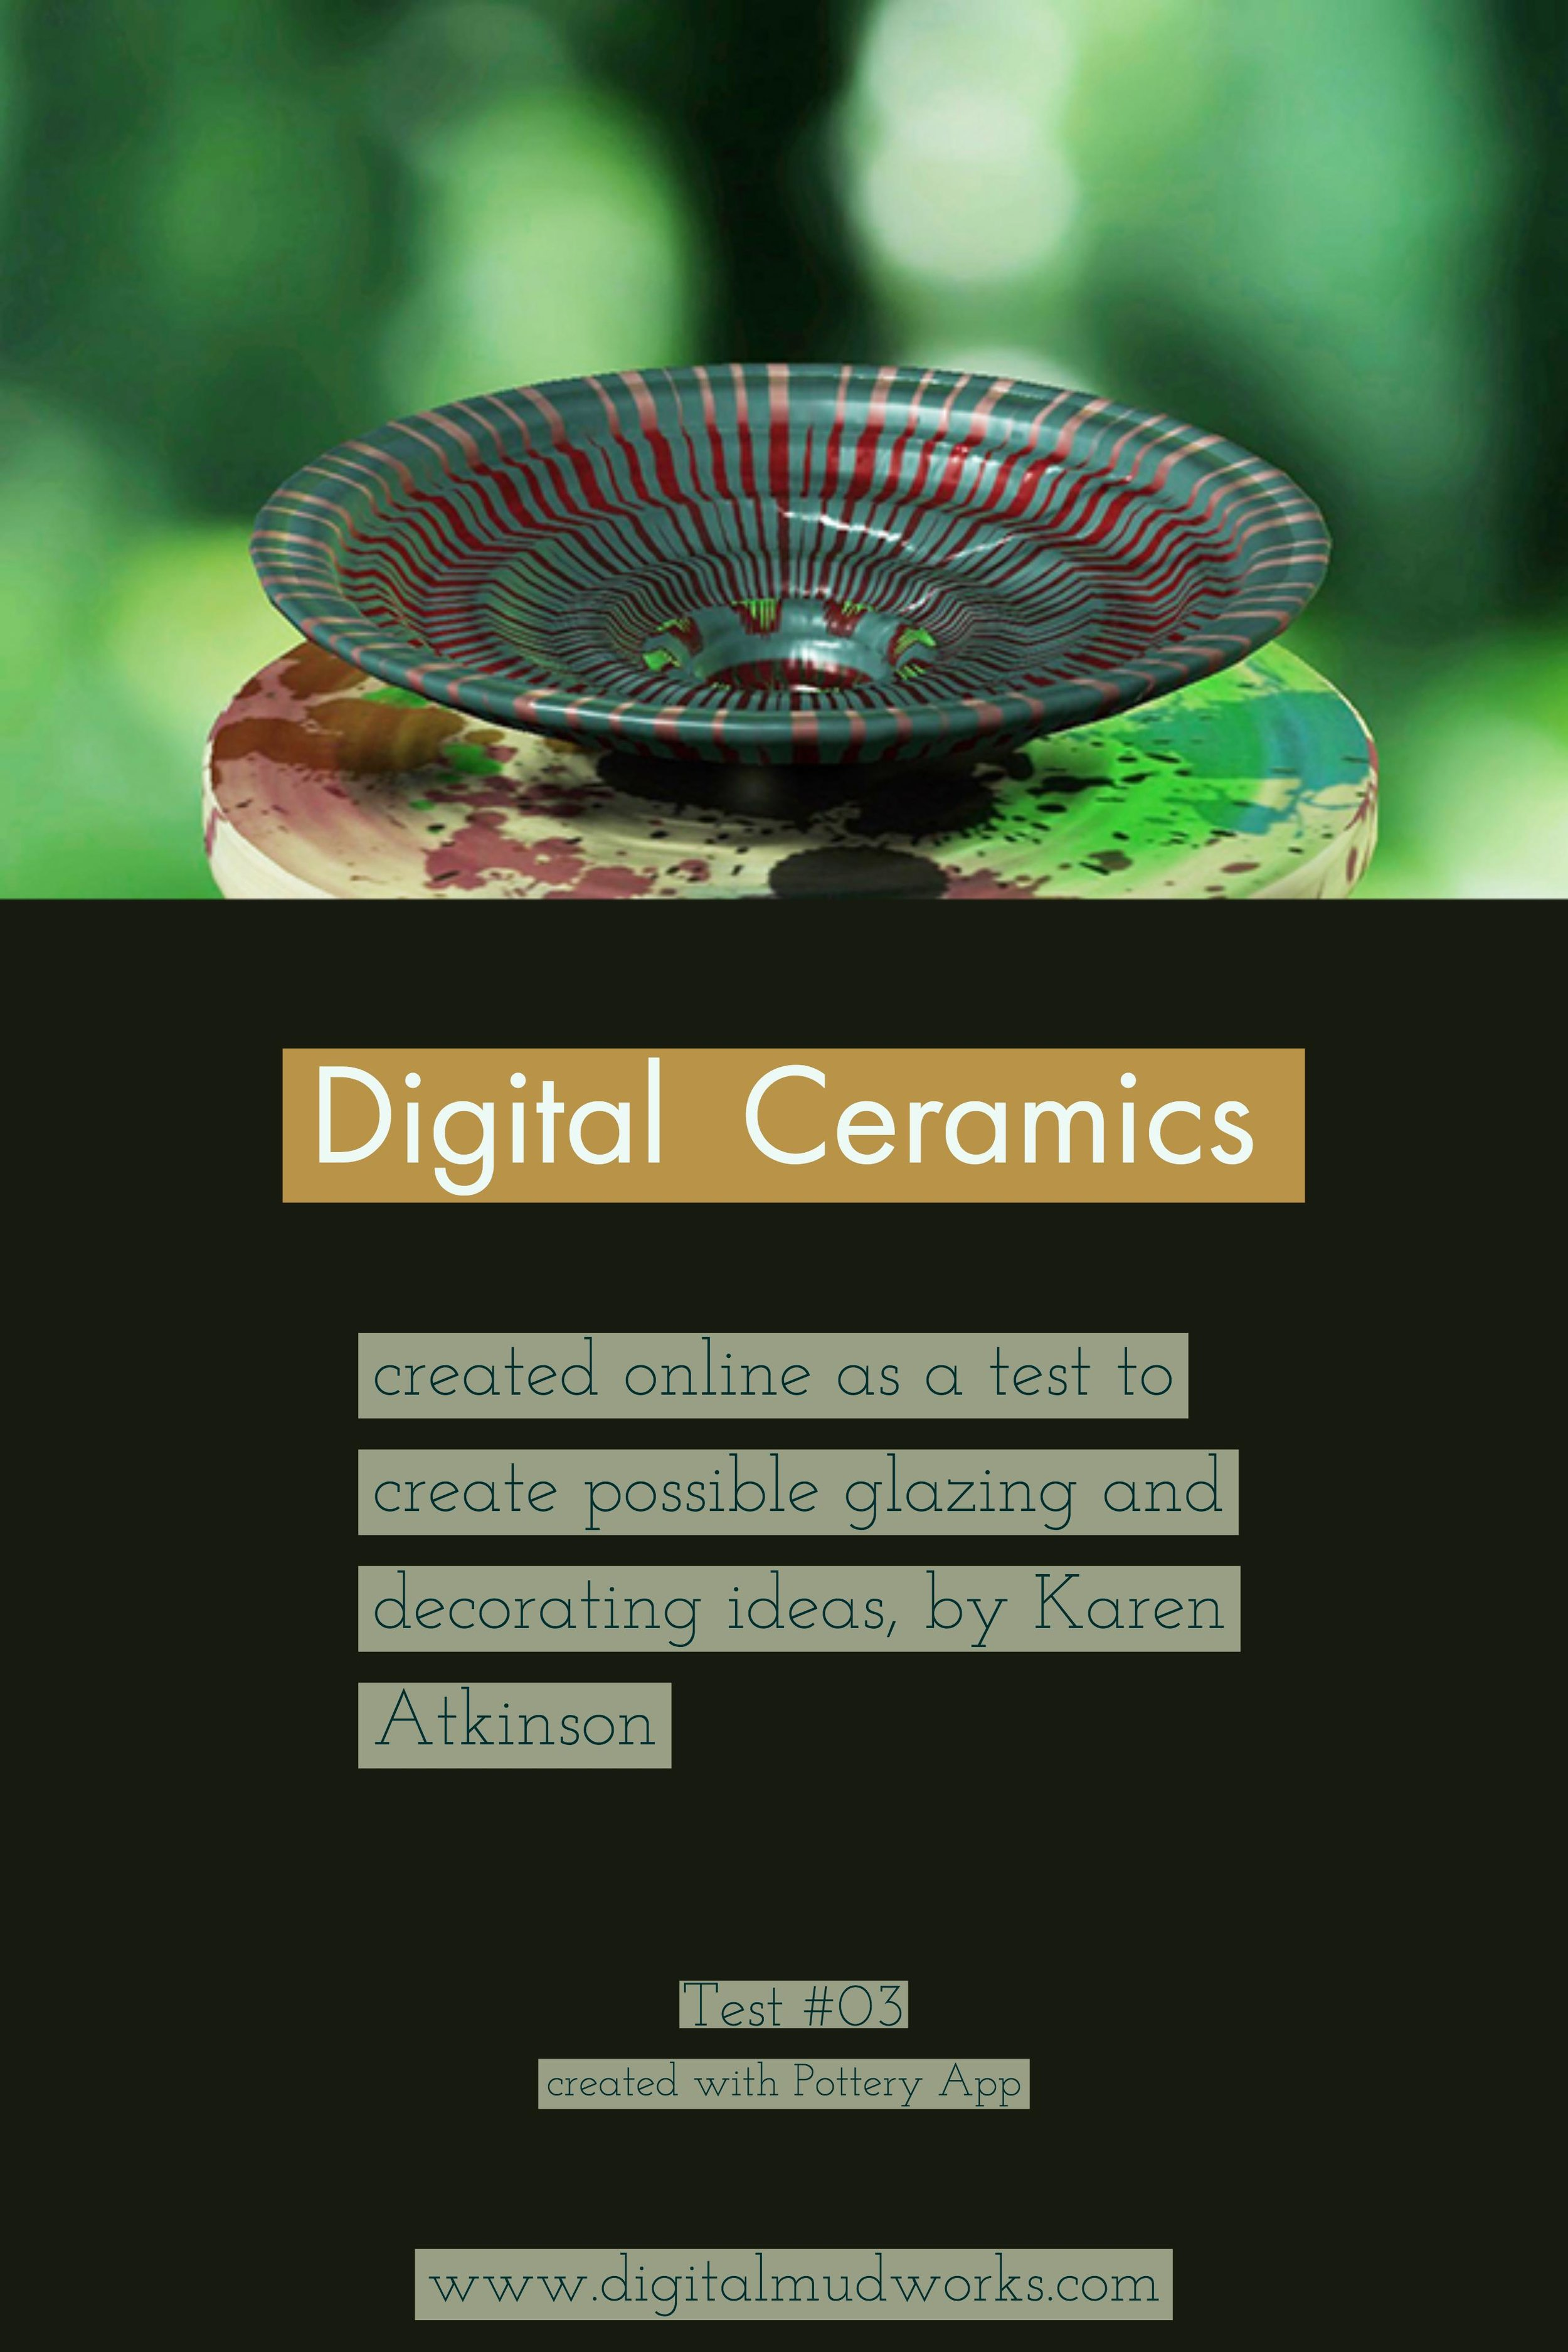 Digital Ceramics Test 03, using a computer app to do glaze and design tests. by Karen Atkinson